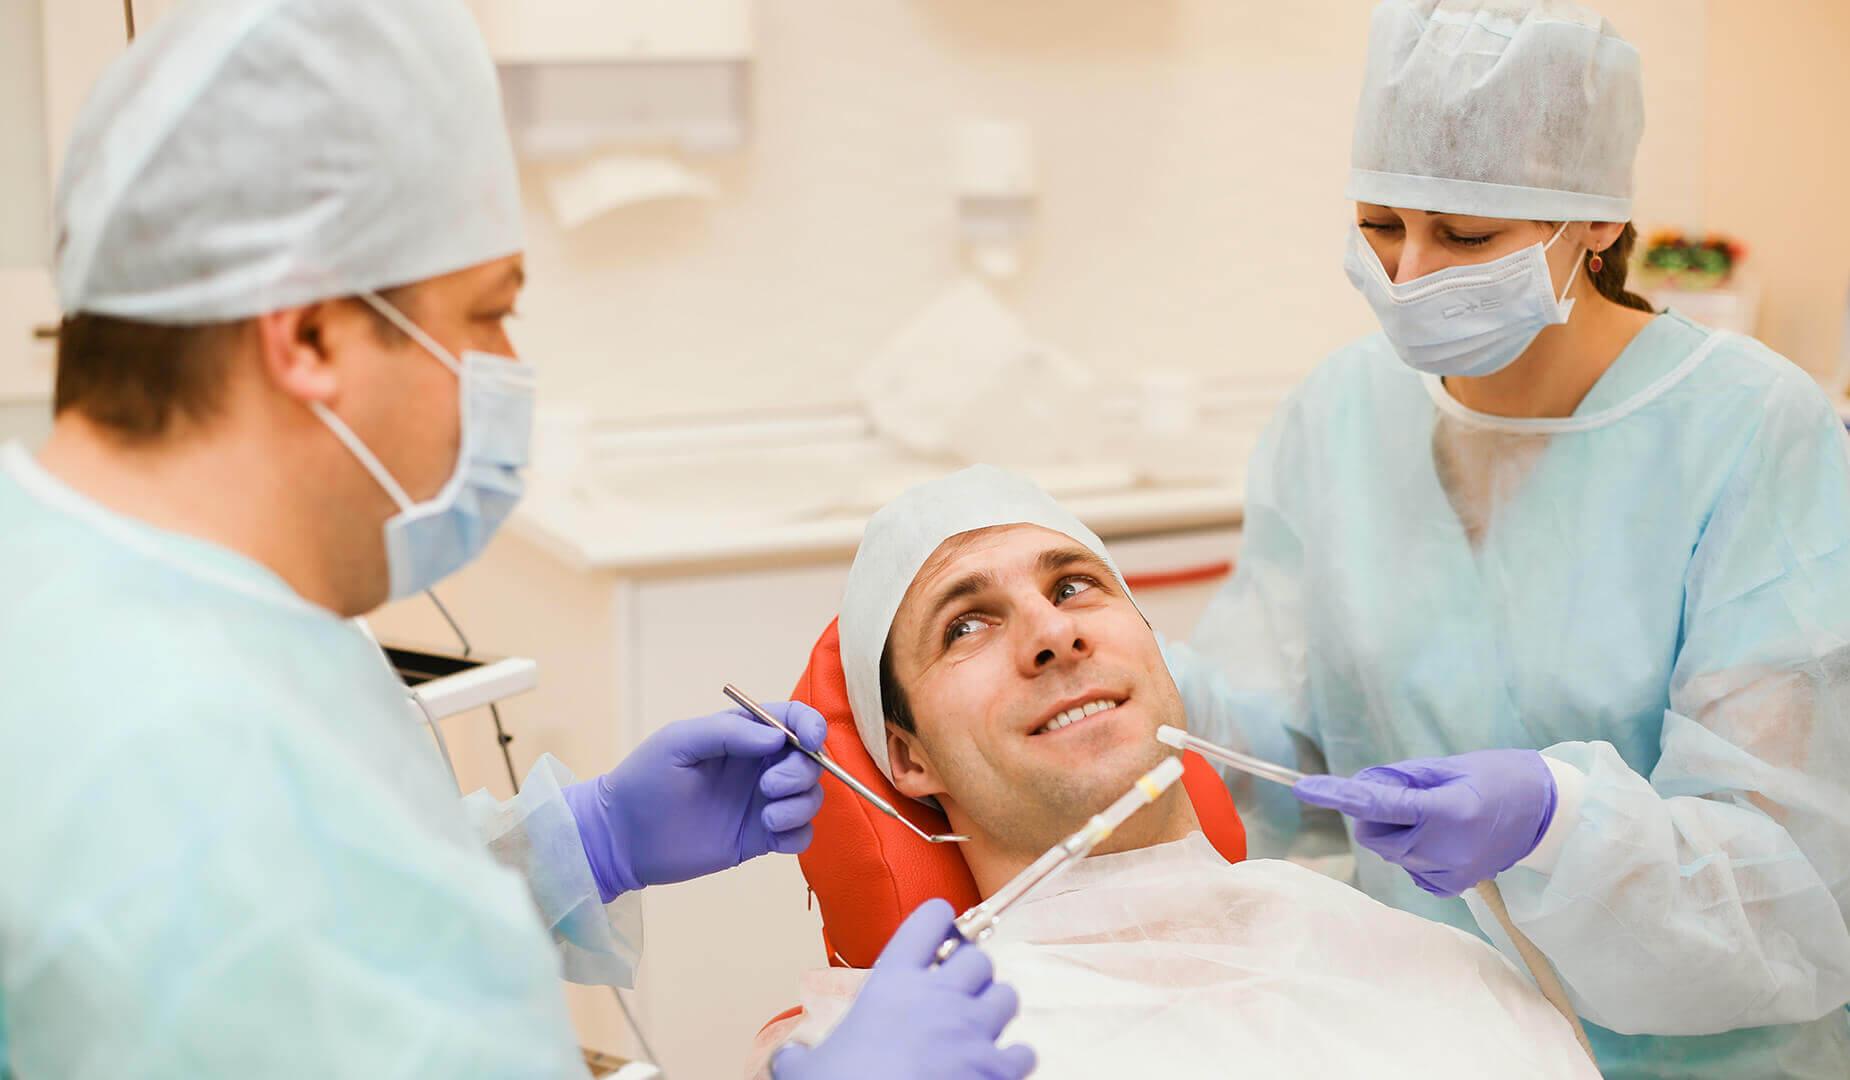 Пациент в кресле стоматолога